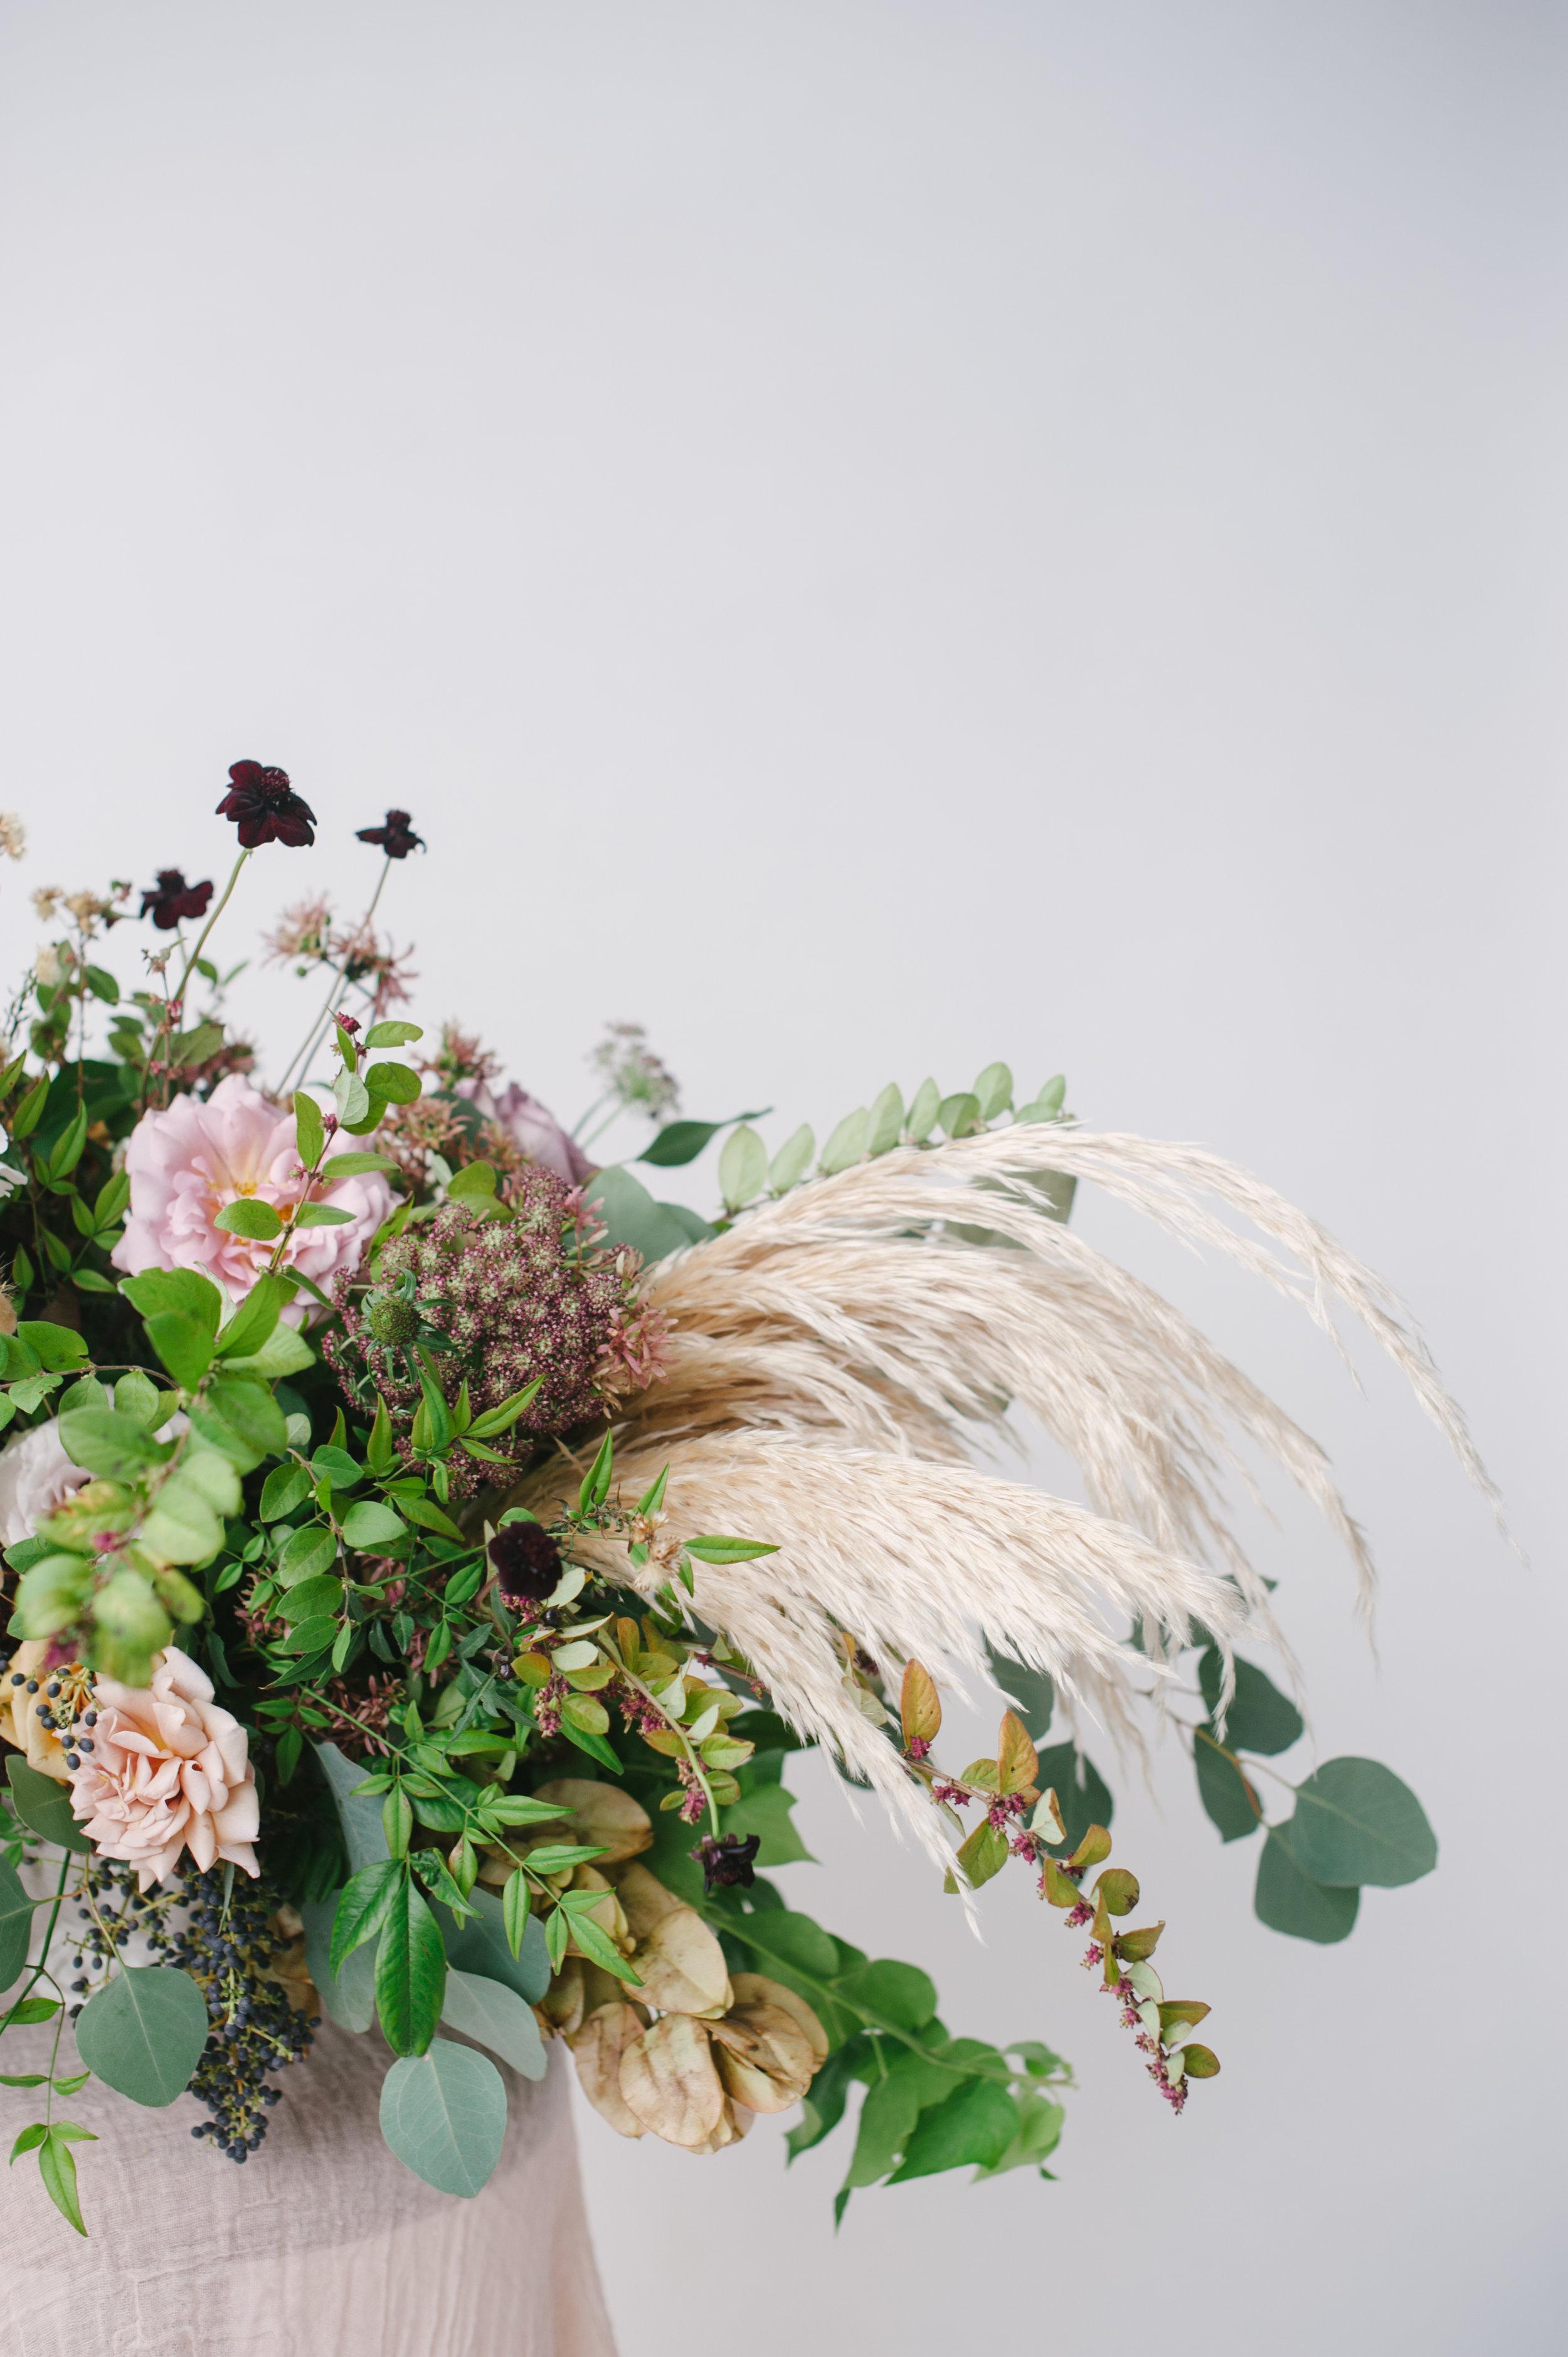 siren-floral-co-plenty-of-petals-romantik-floral-centerpiece-workshop-9.jpg